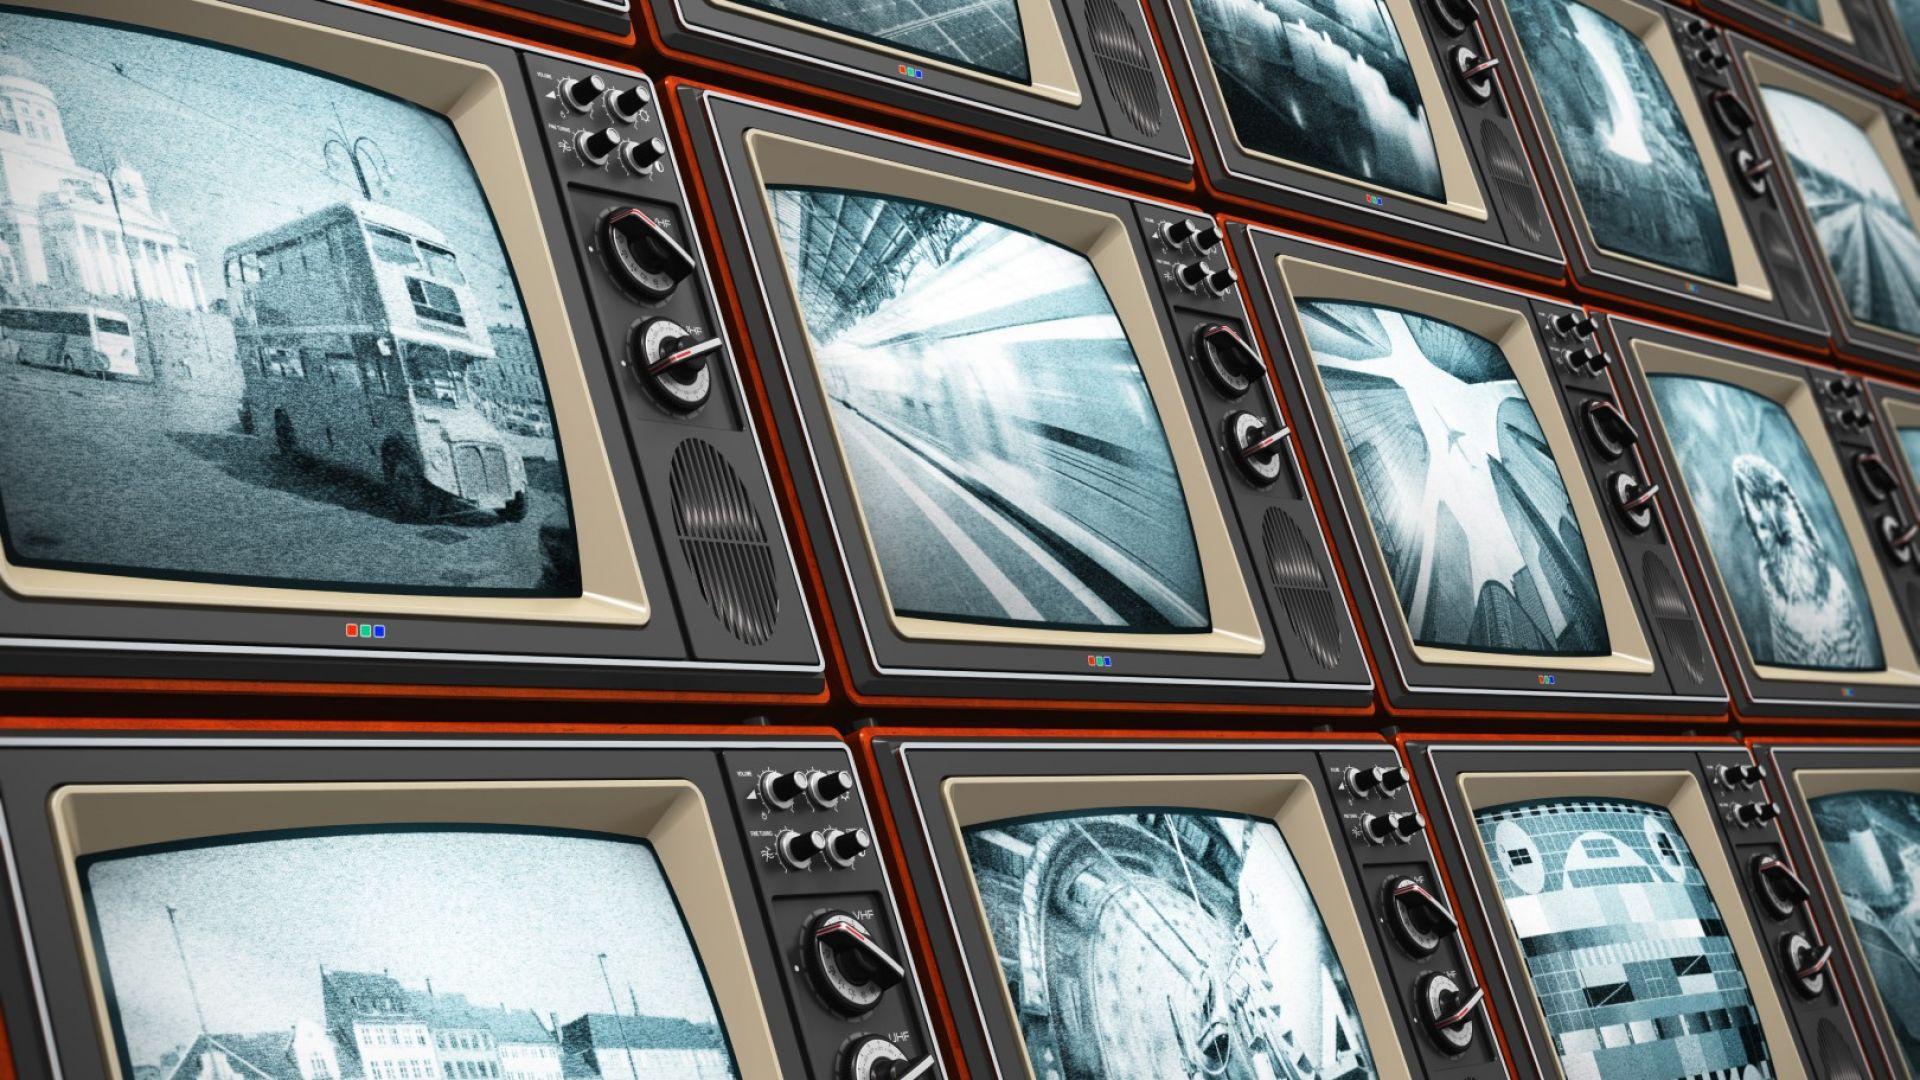 Проучване: Близо 30% от телевизионното разпространение е в сивия сектор